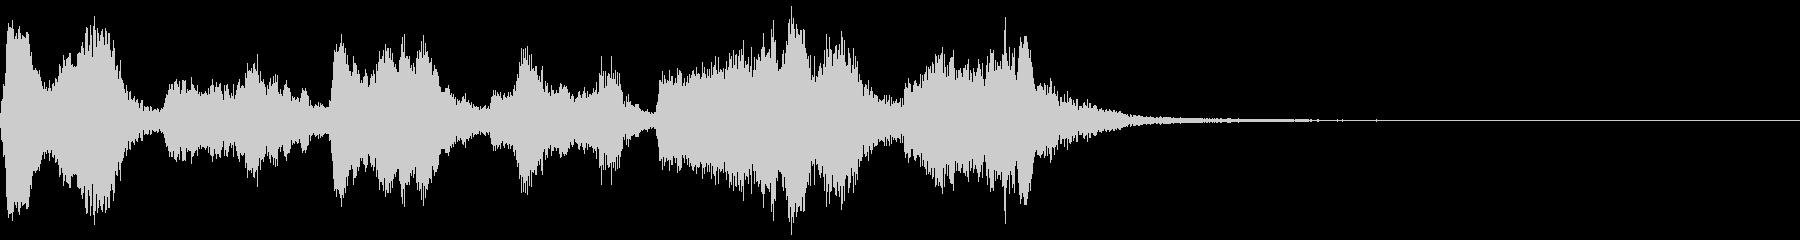 オーケストラによる明るいジングルの未再生の波形